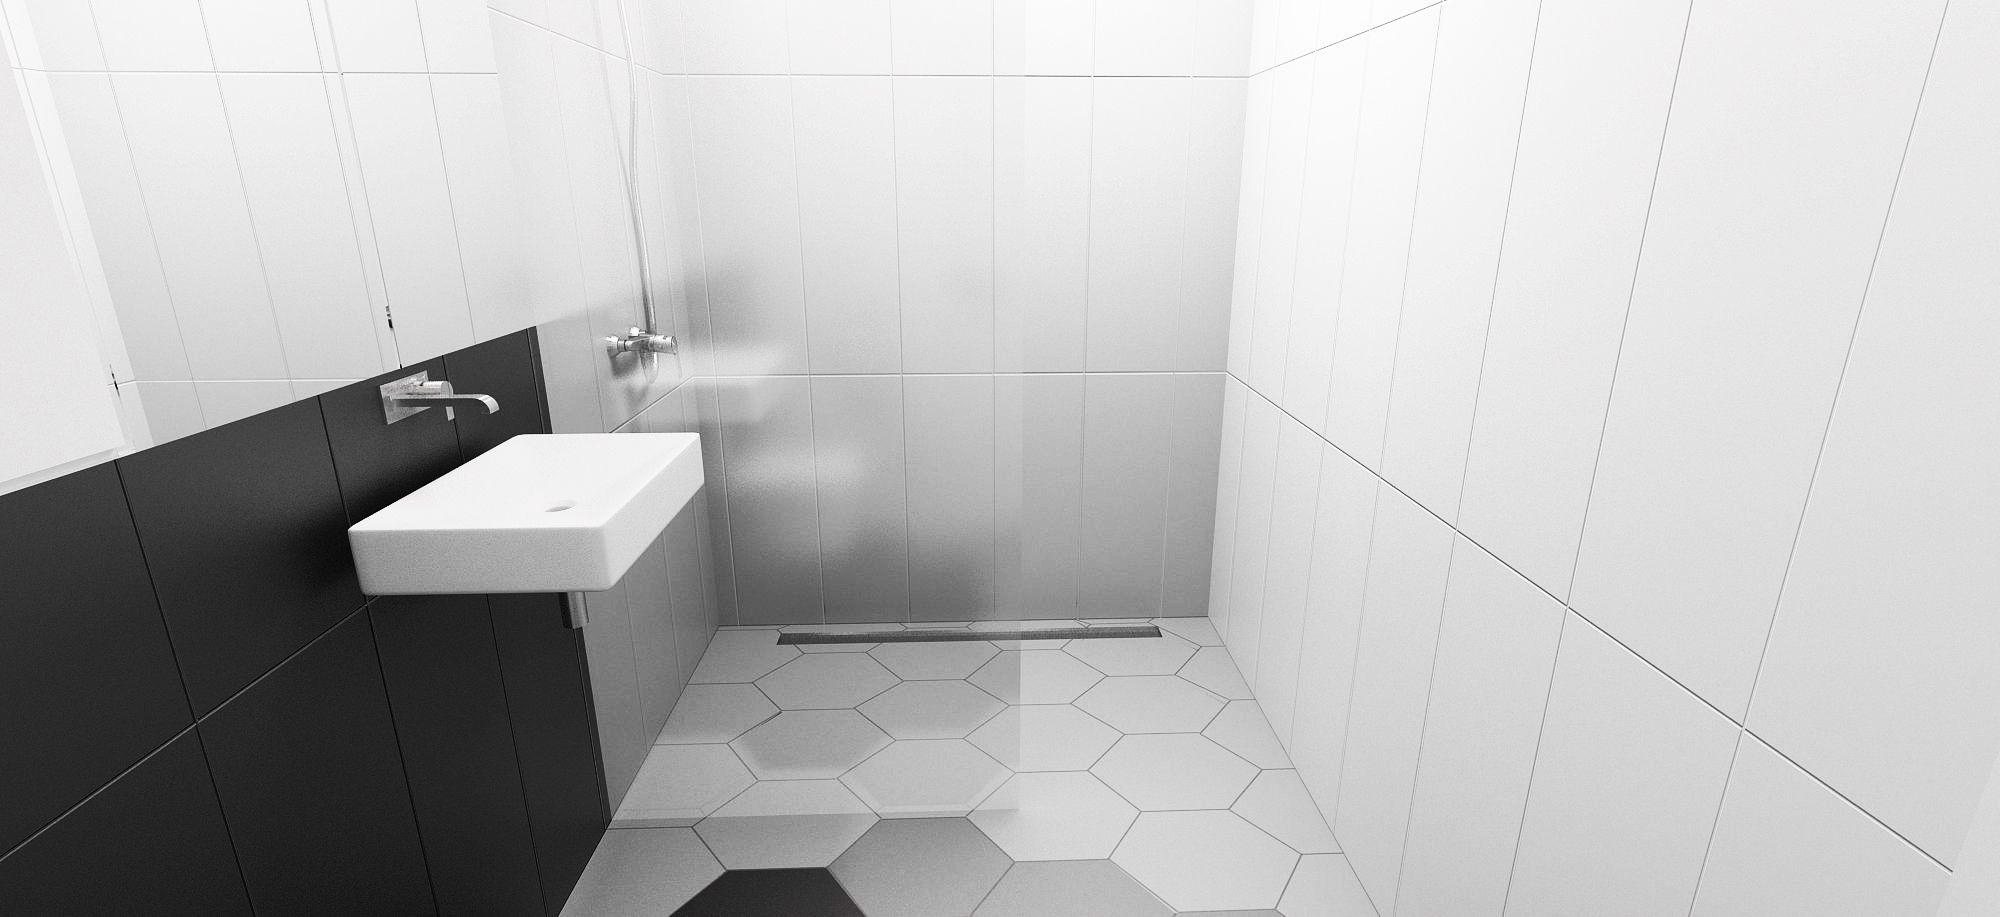 Łazienka w stylu minimalistycznym Łazienka, Wnętrza, Styl